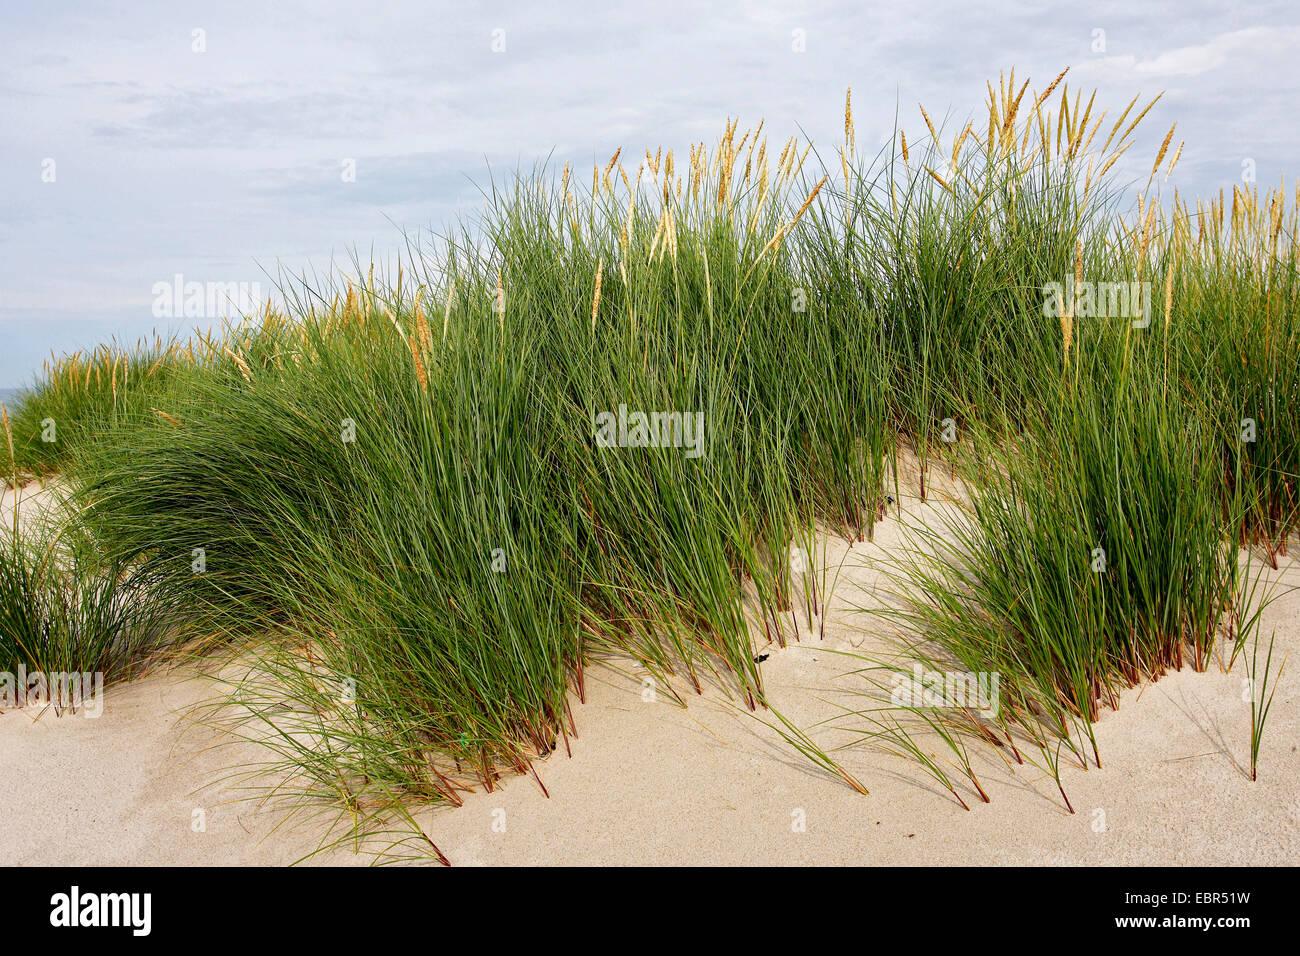 beach grass, European beachgrass, marram grass, psamma, sea sand-reed (Ammophila arenaria), dune with beachgrass, - Stock Image